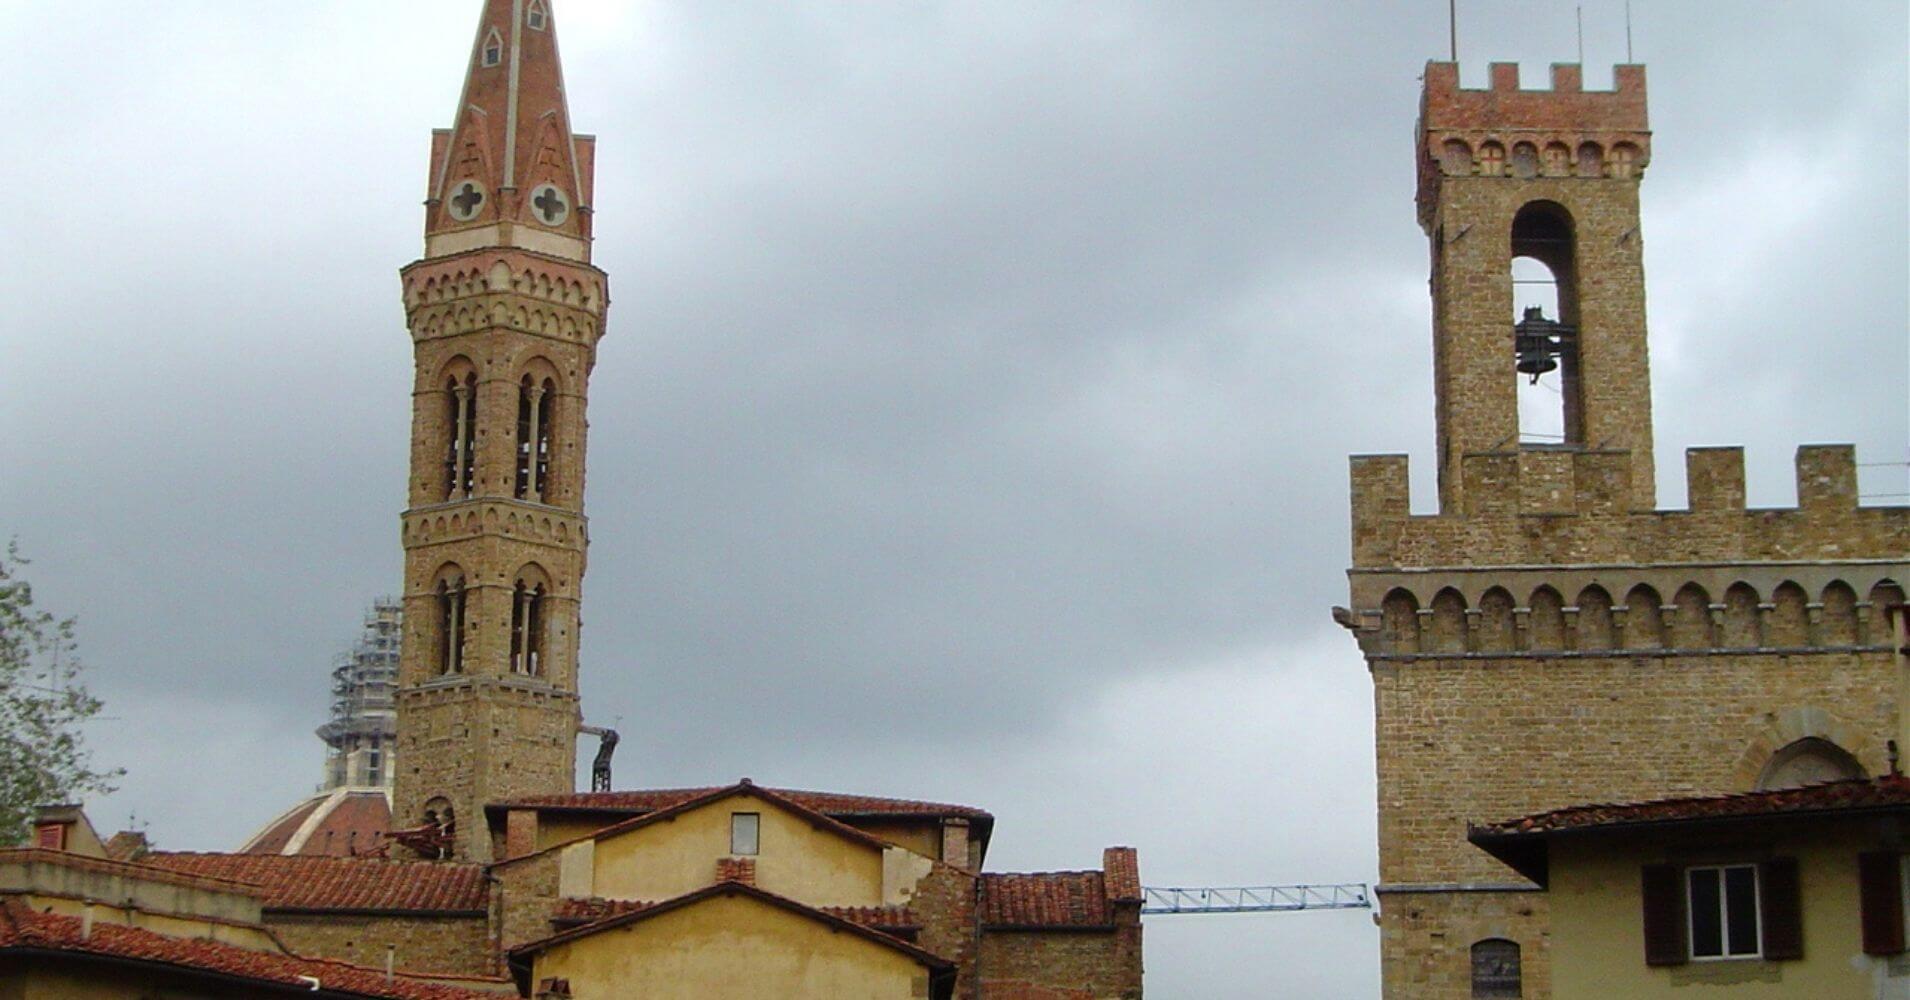 Abadía Fiorentina y Museo Bargello. Toscana, Italia.